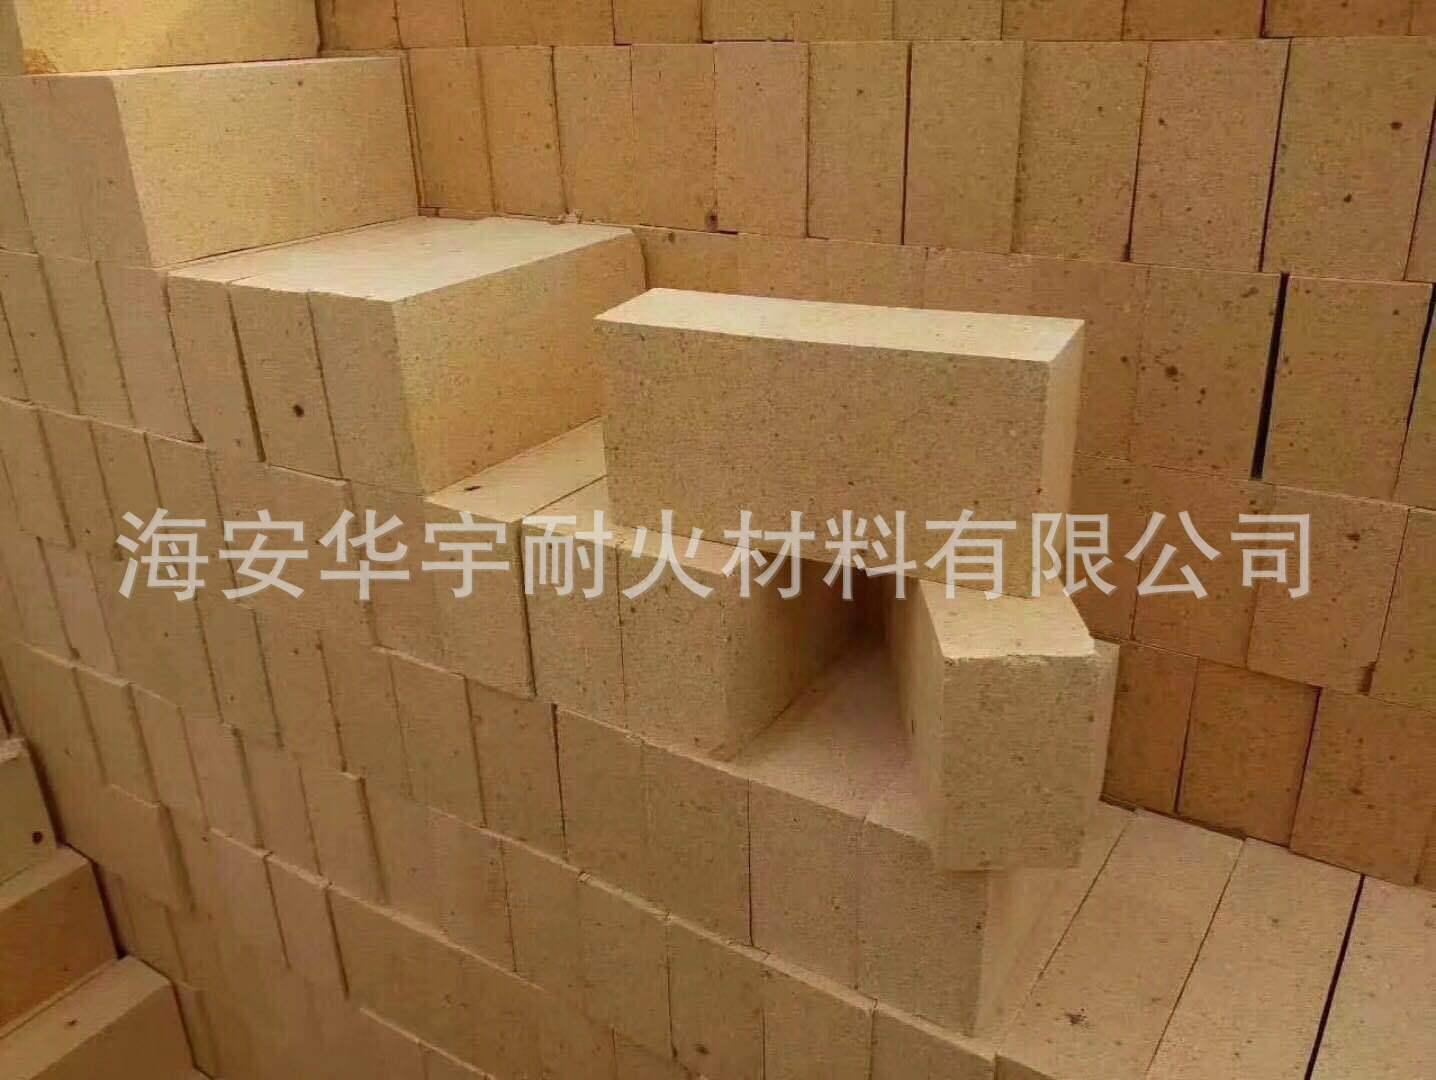 厂家直销 三级高铝砖 标准砖 刀口砖 斧头砖 平半砖条半砖 多枚砖